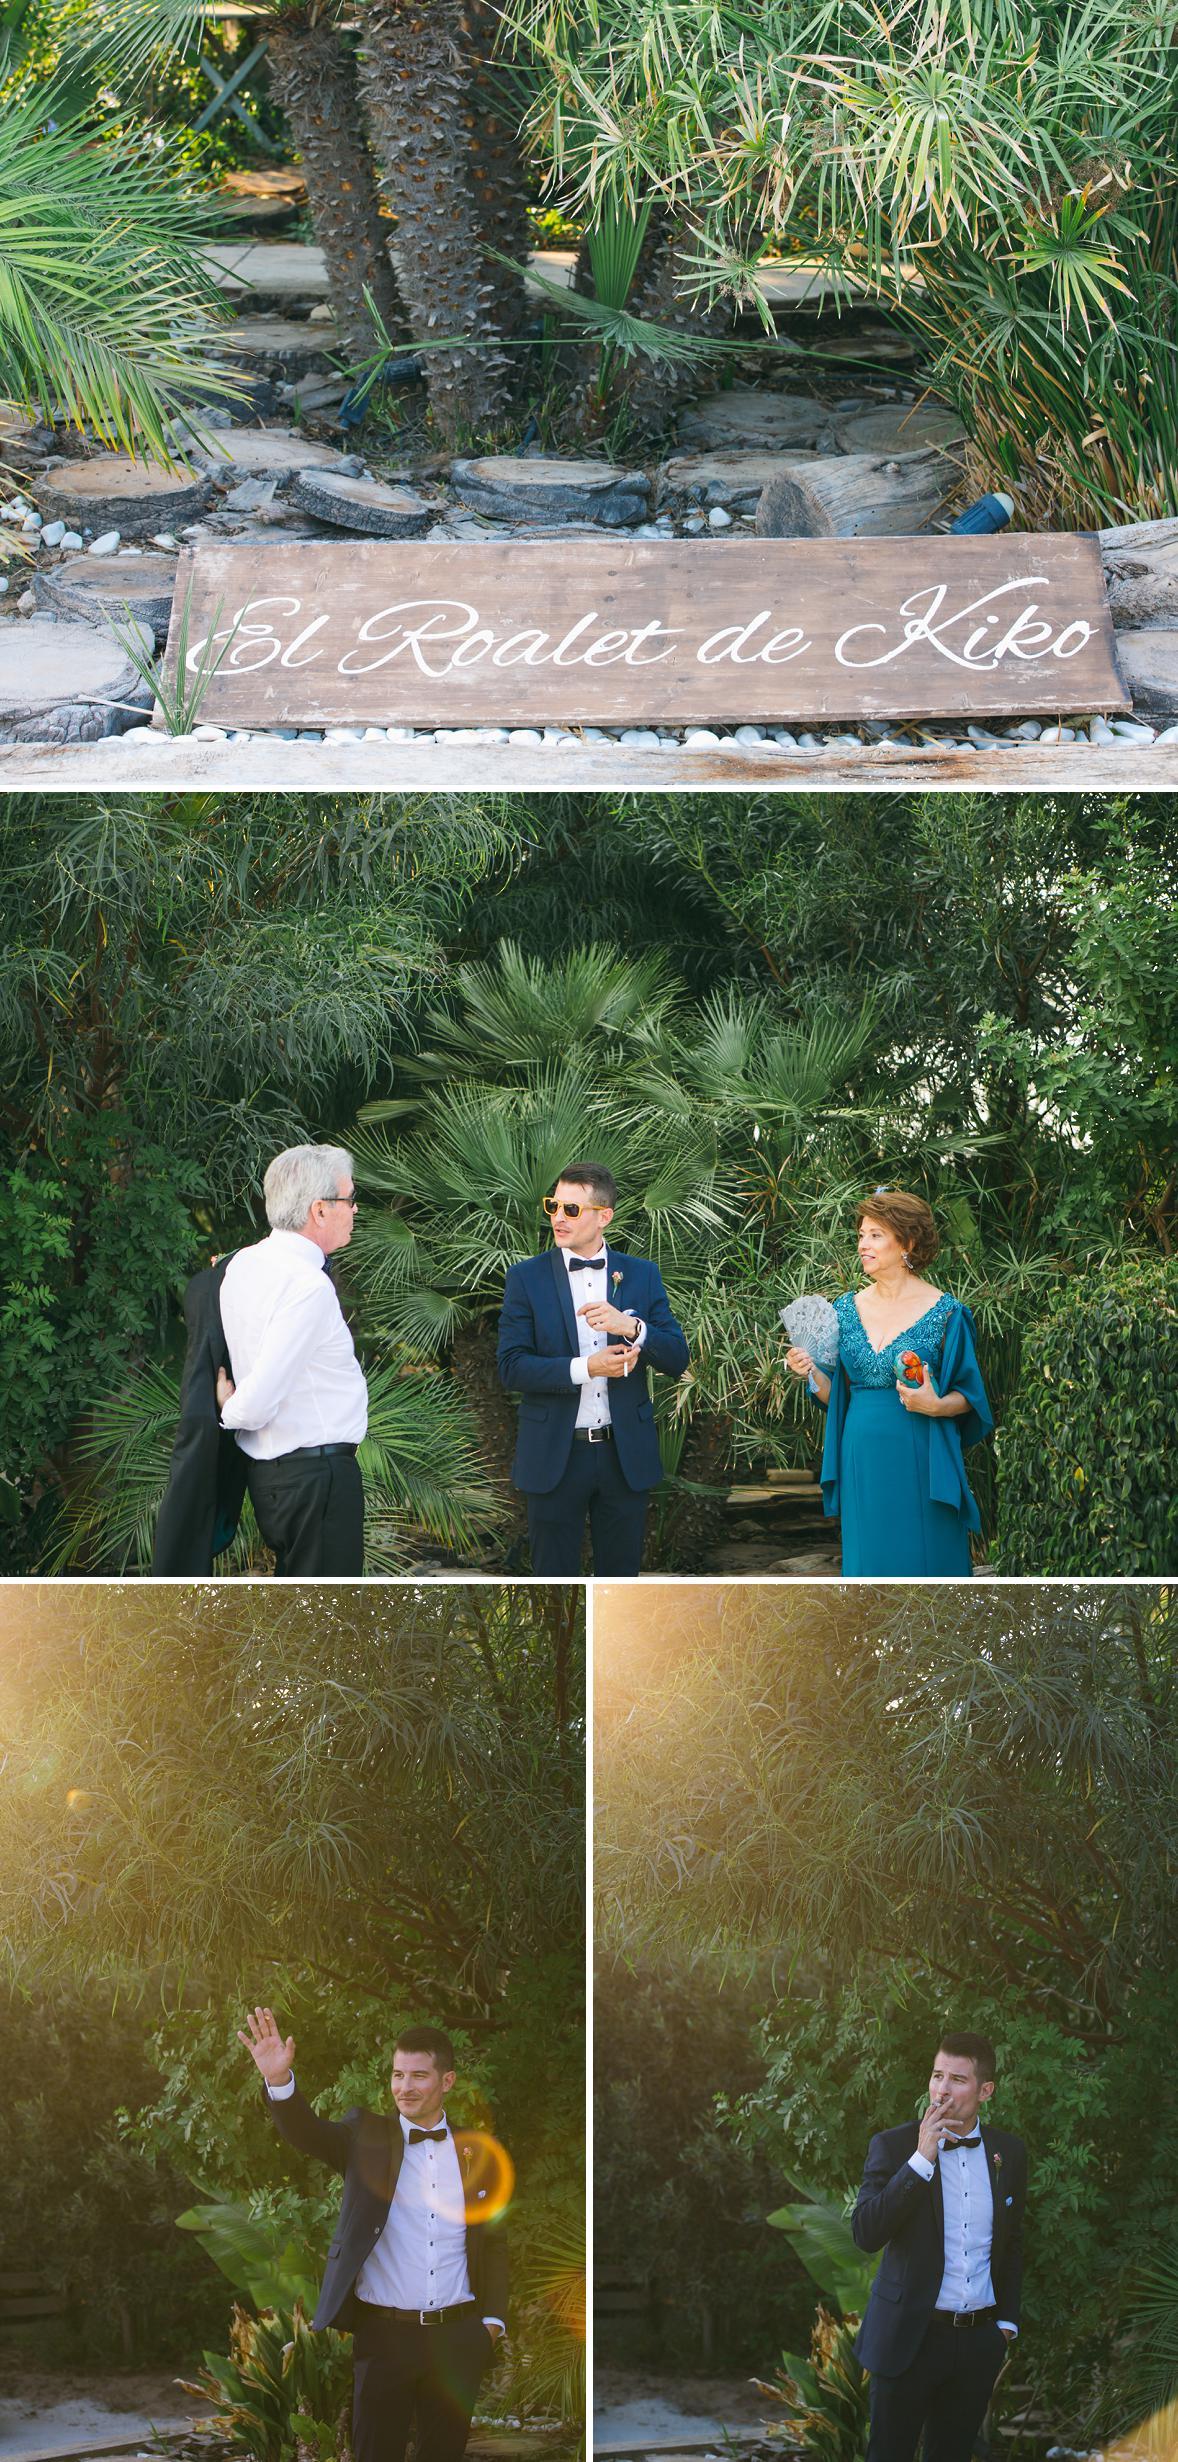 fotografos-boda-finca-roalet-de-kiko-Doblexposicion_0025